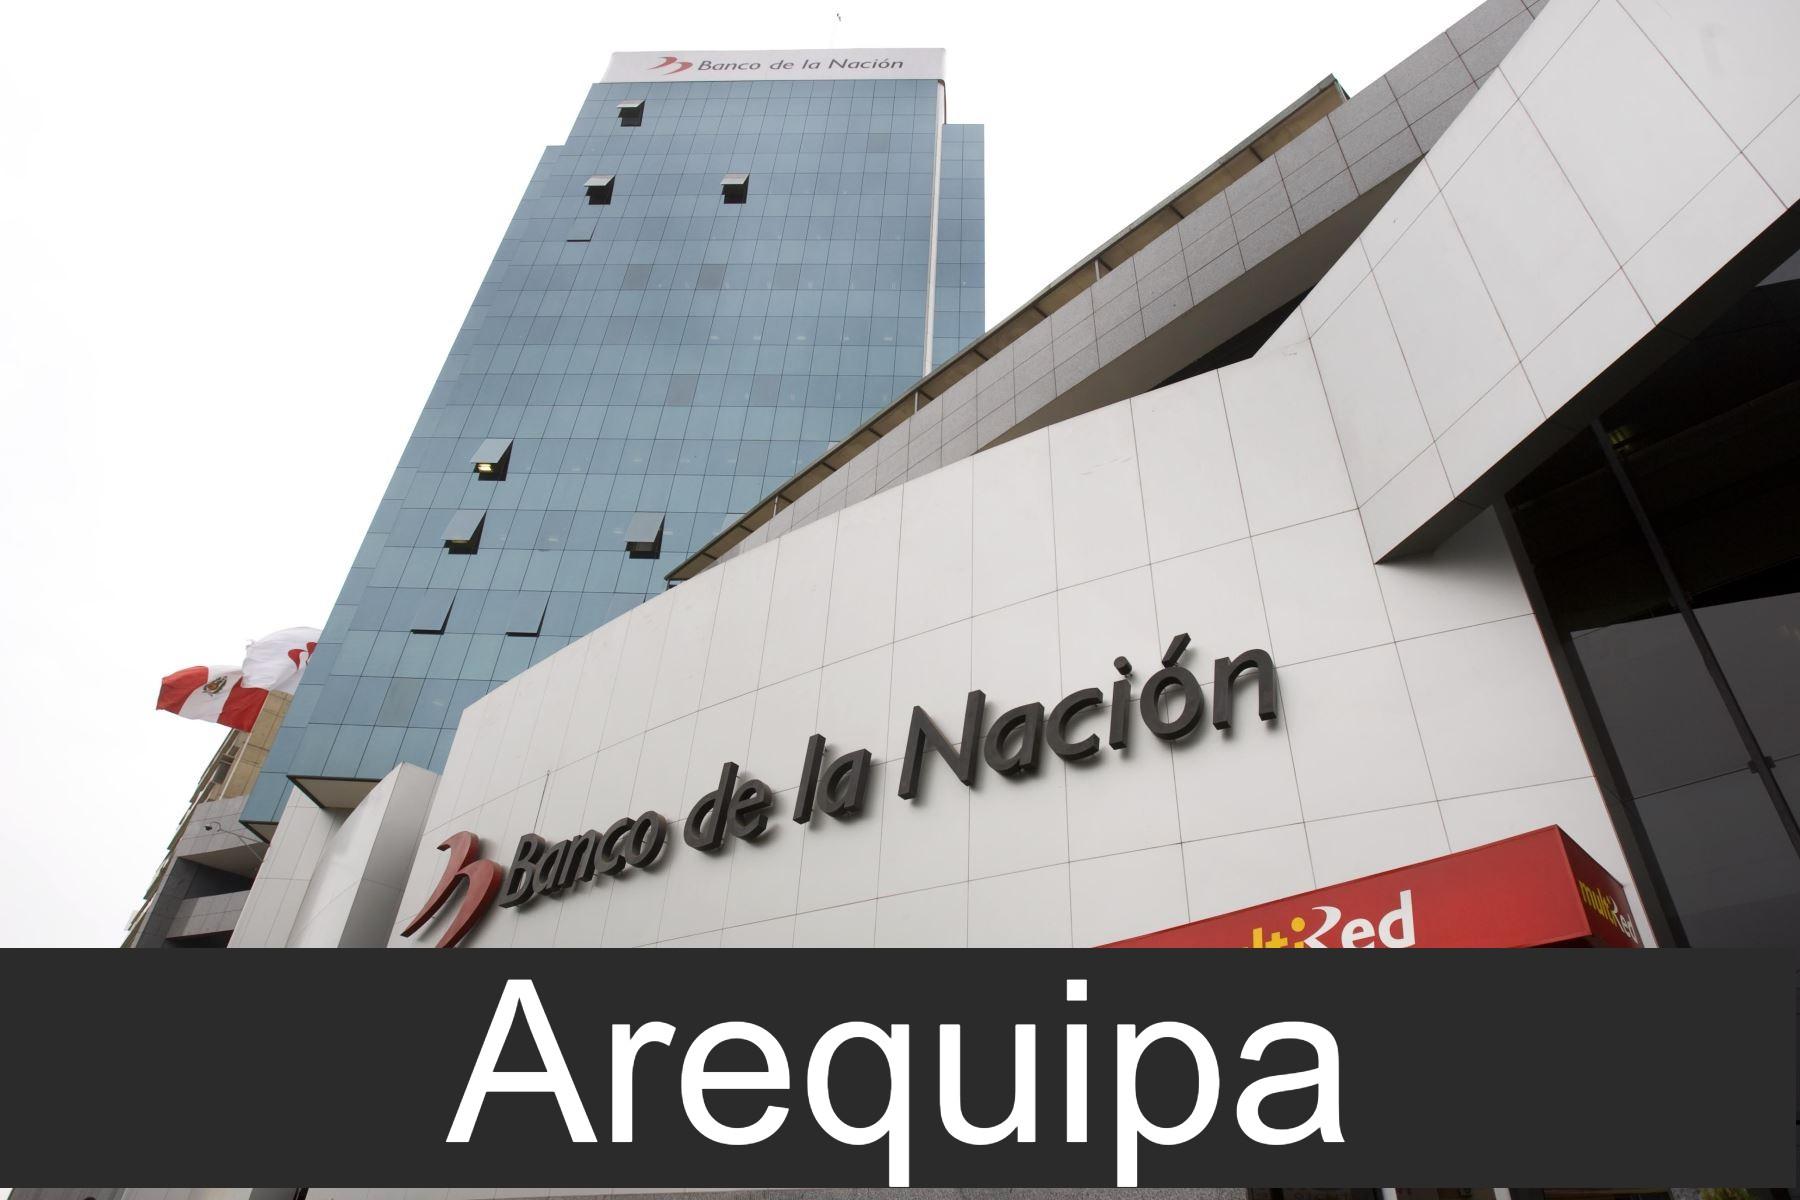 banco de la nacion en Arequipa